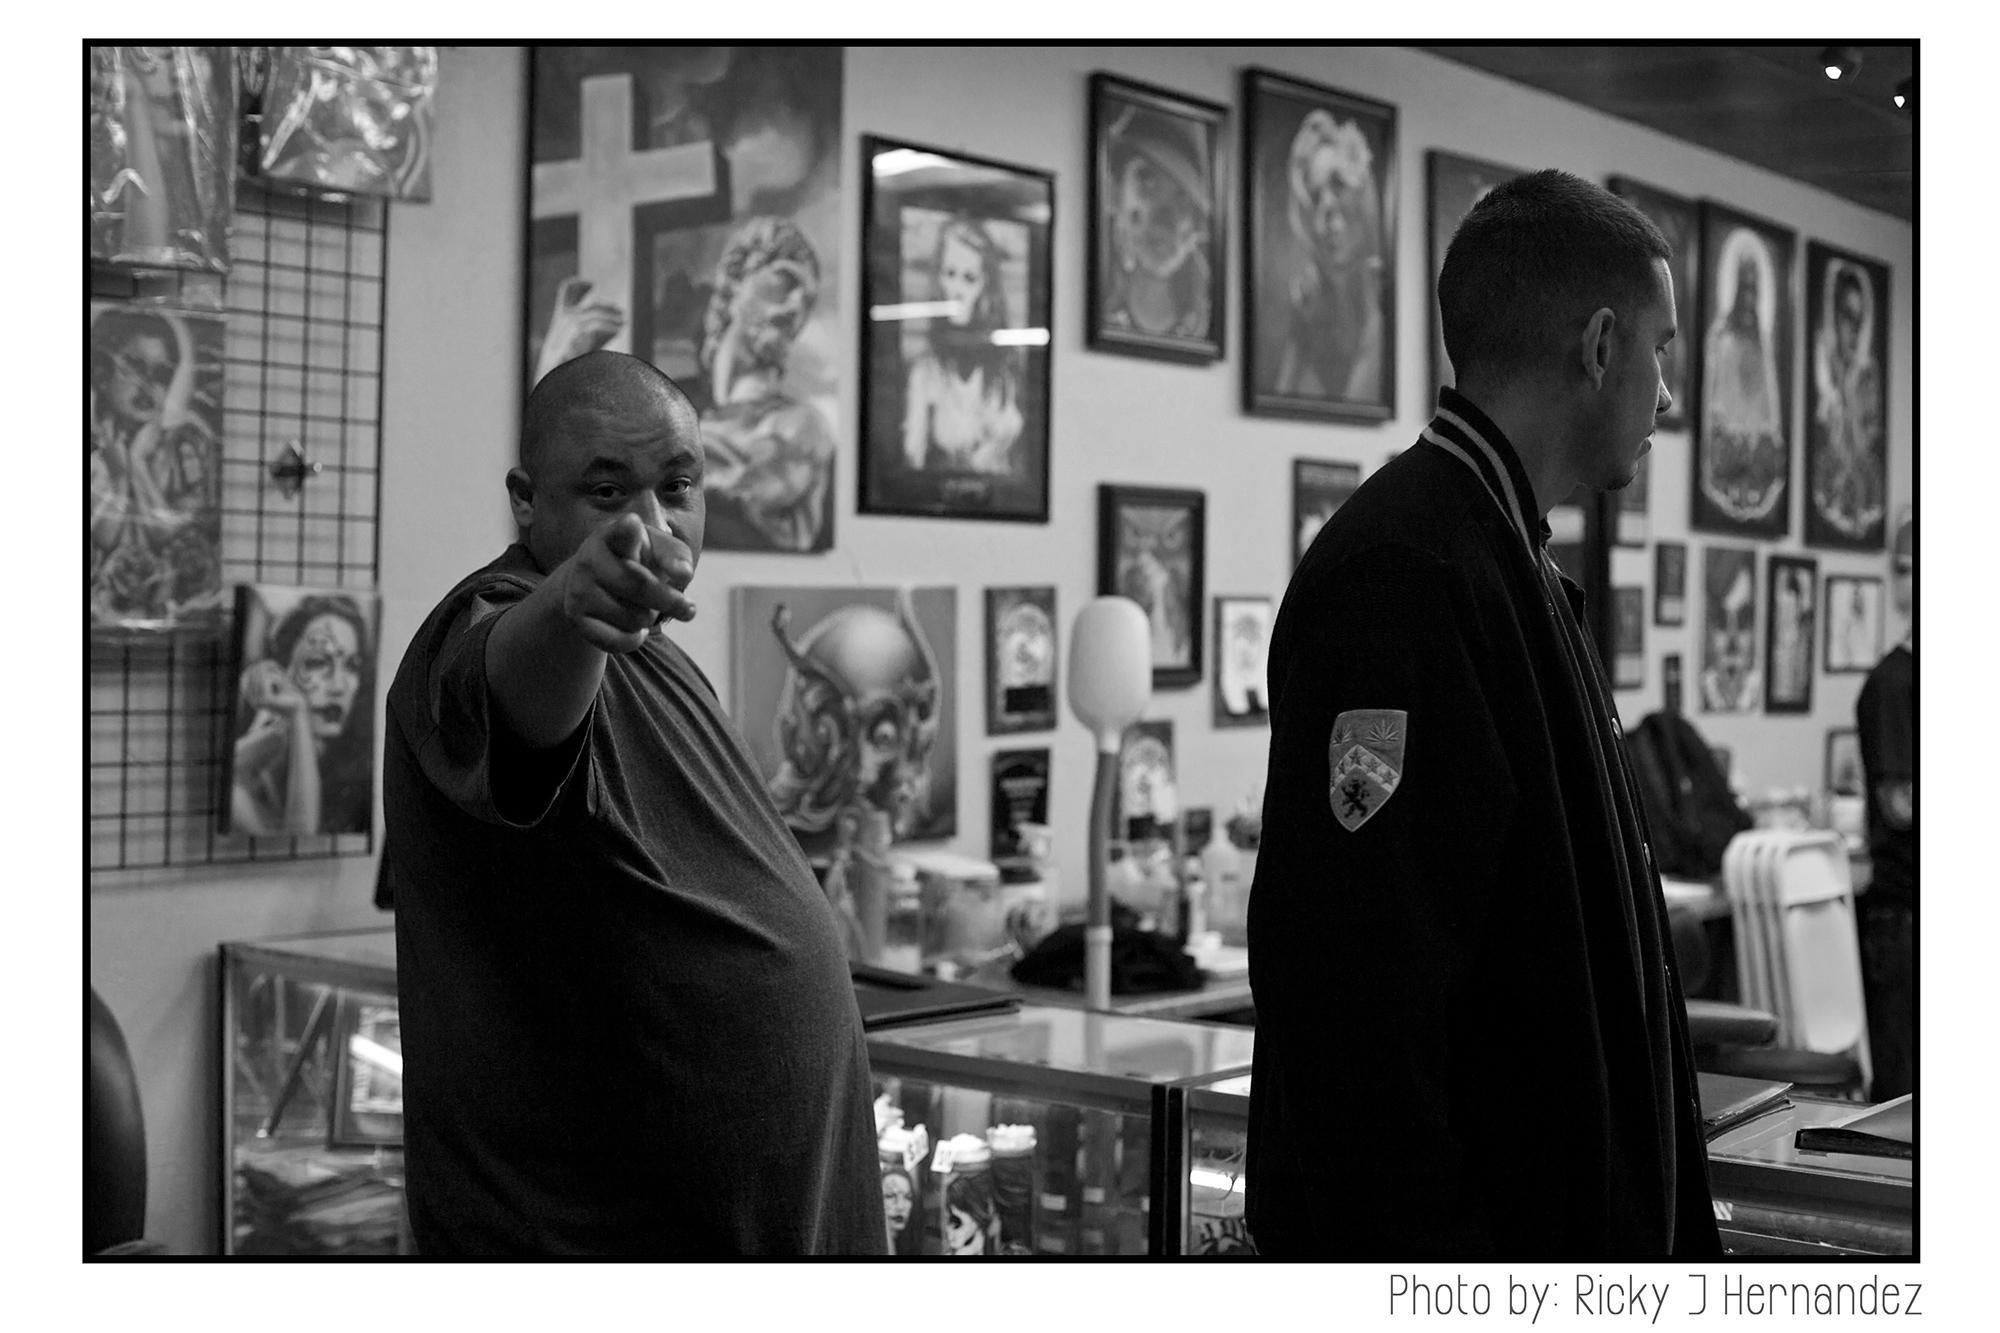 Art night at Mi Familia Tattoo Shop in Anaheim CA.